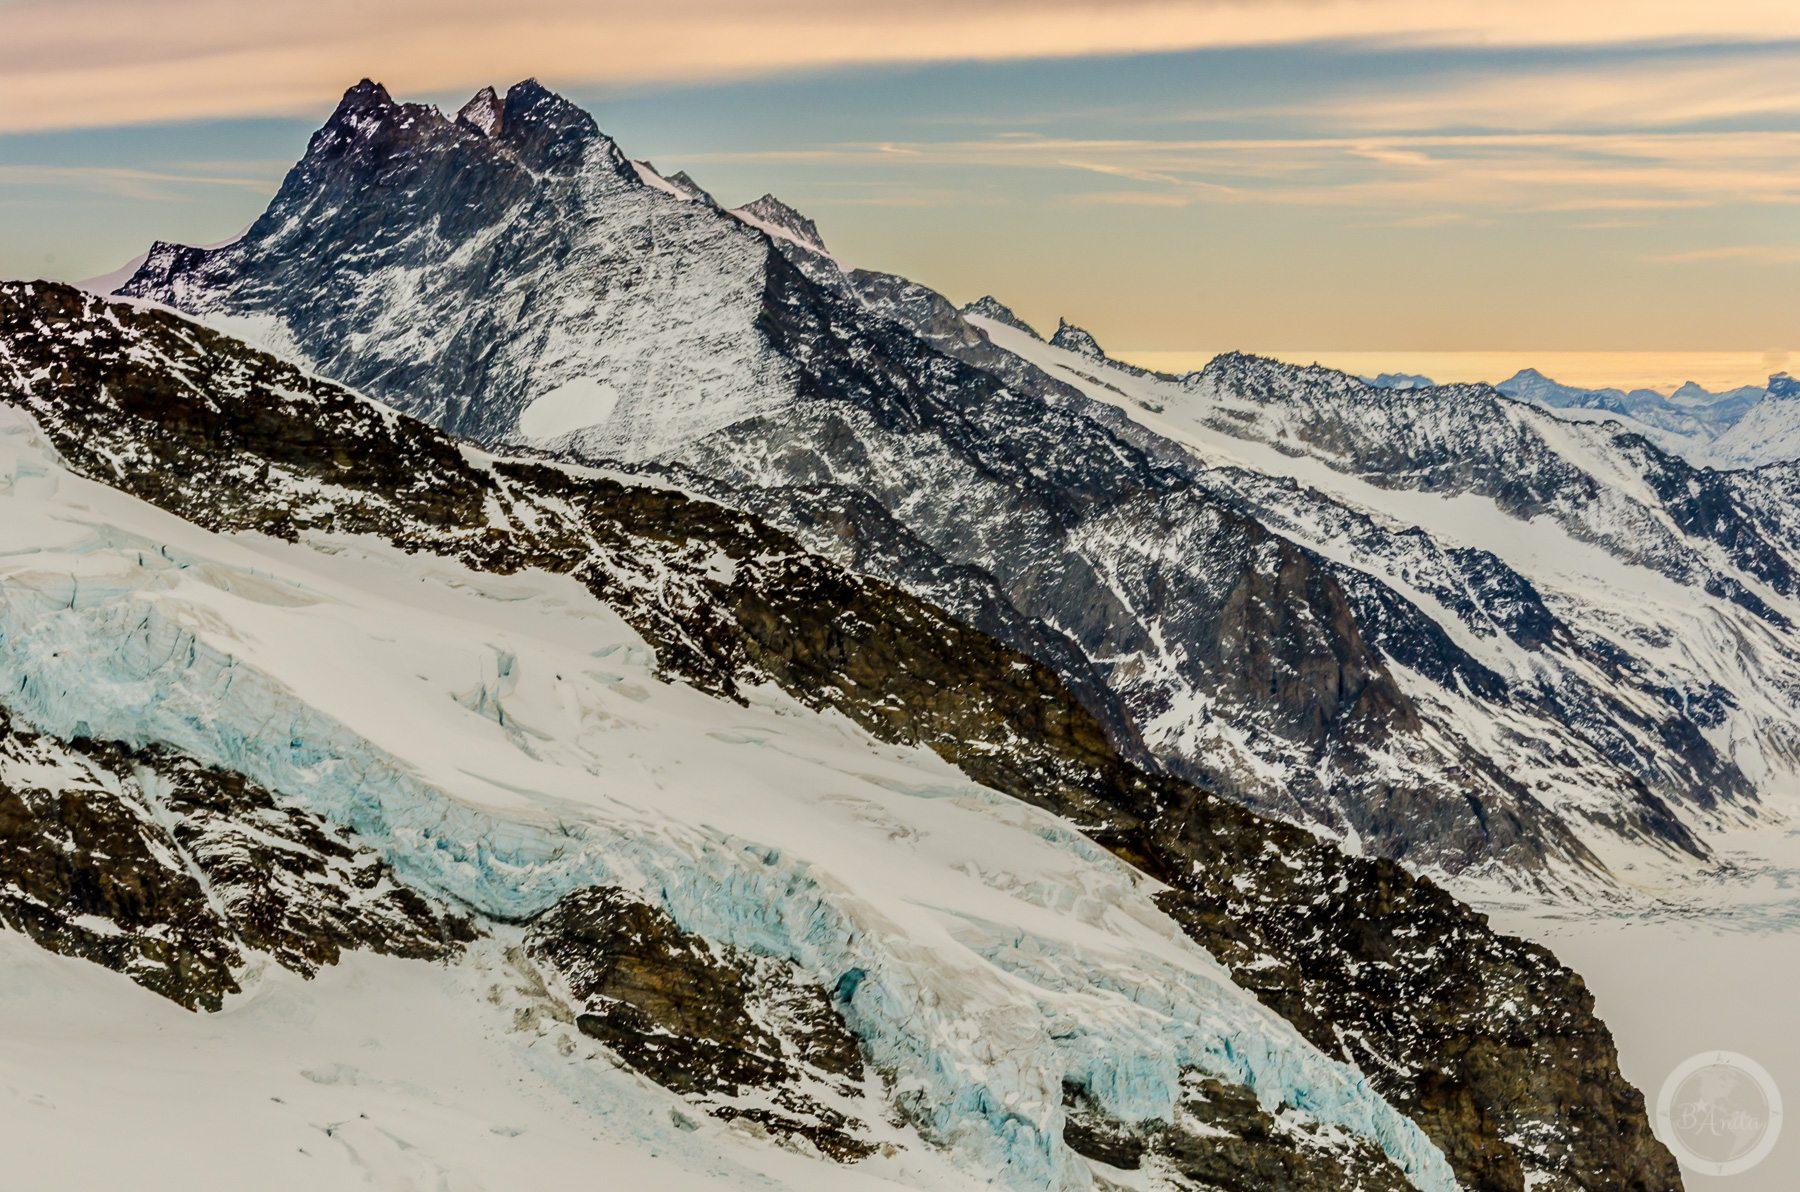 Jęzor lodowca spływający ze skalistego zbocza. Jungfraujoch, Szwajcaria